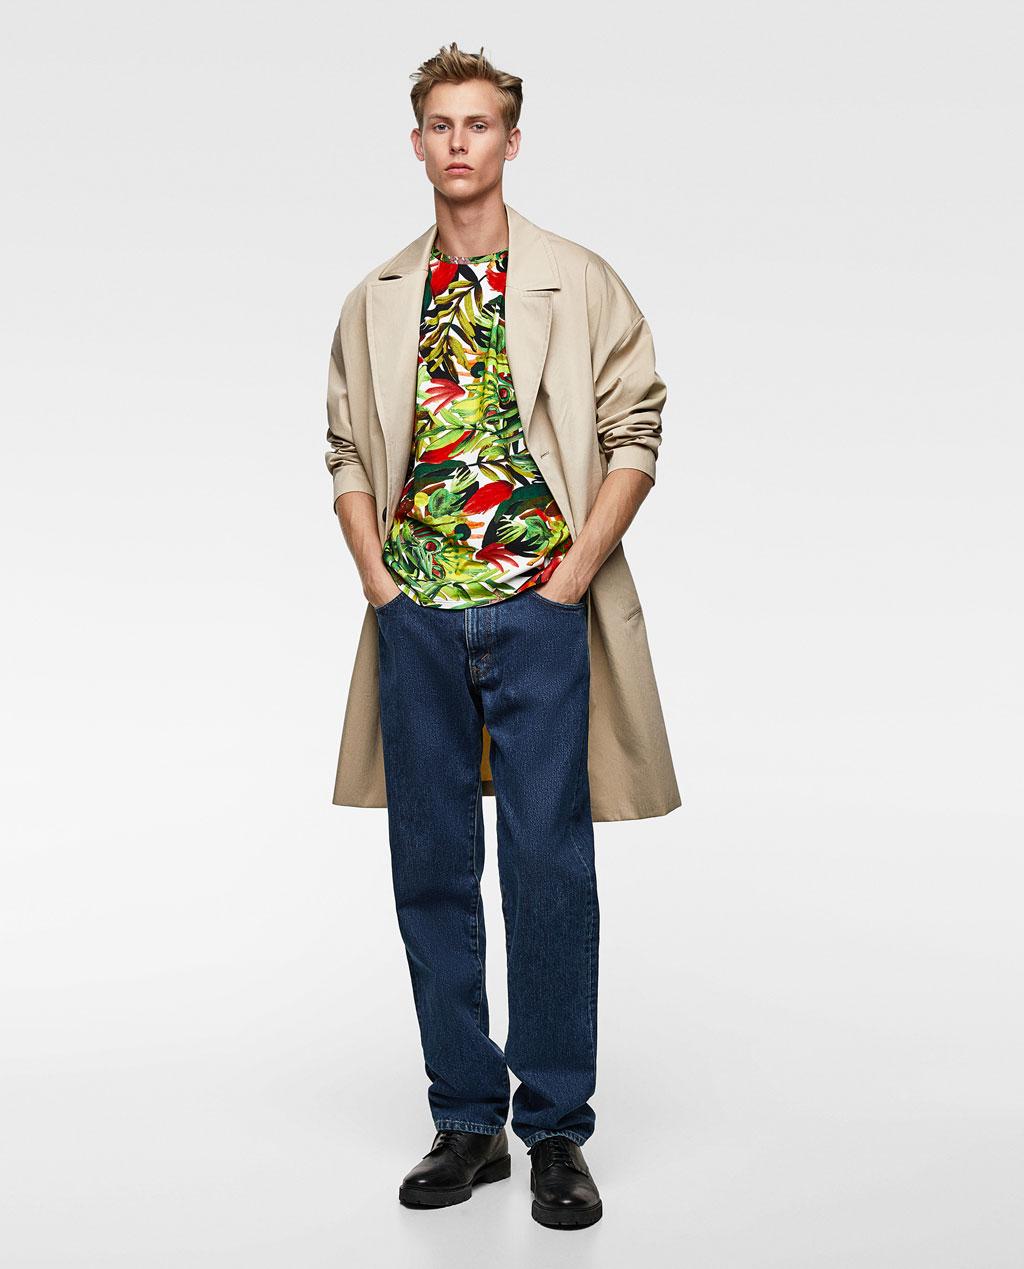 Thời trang nam Zara  24112 - ảnh 3